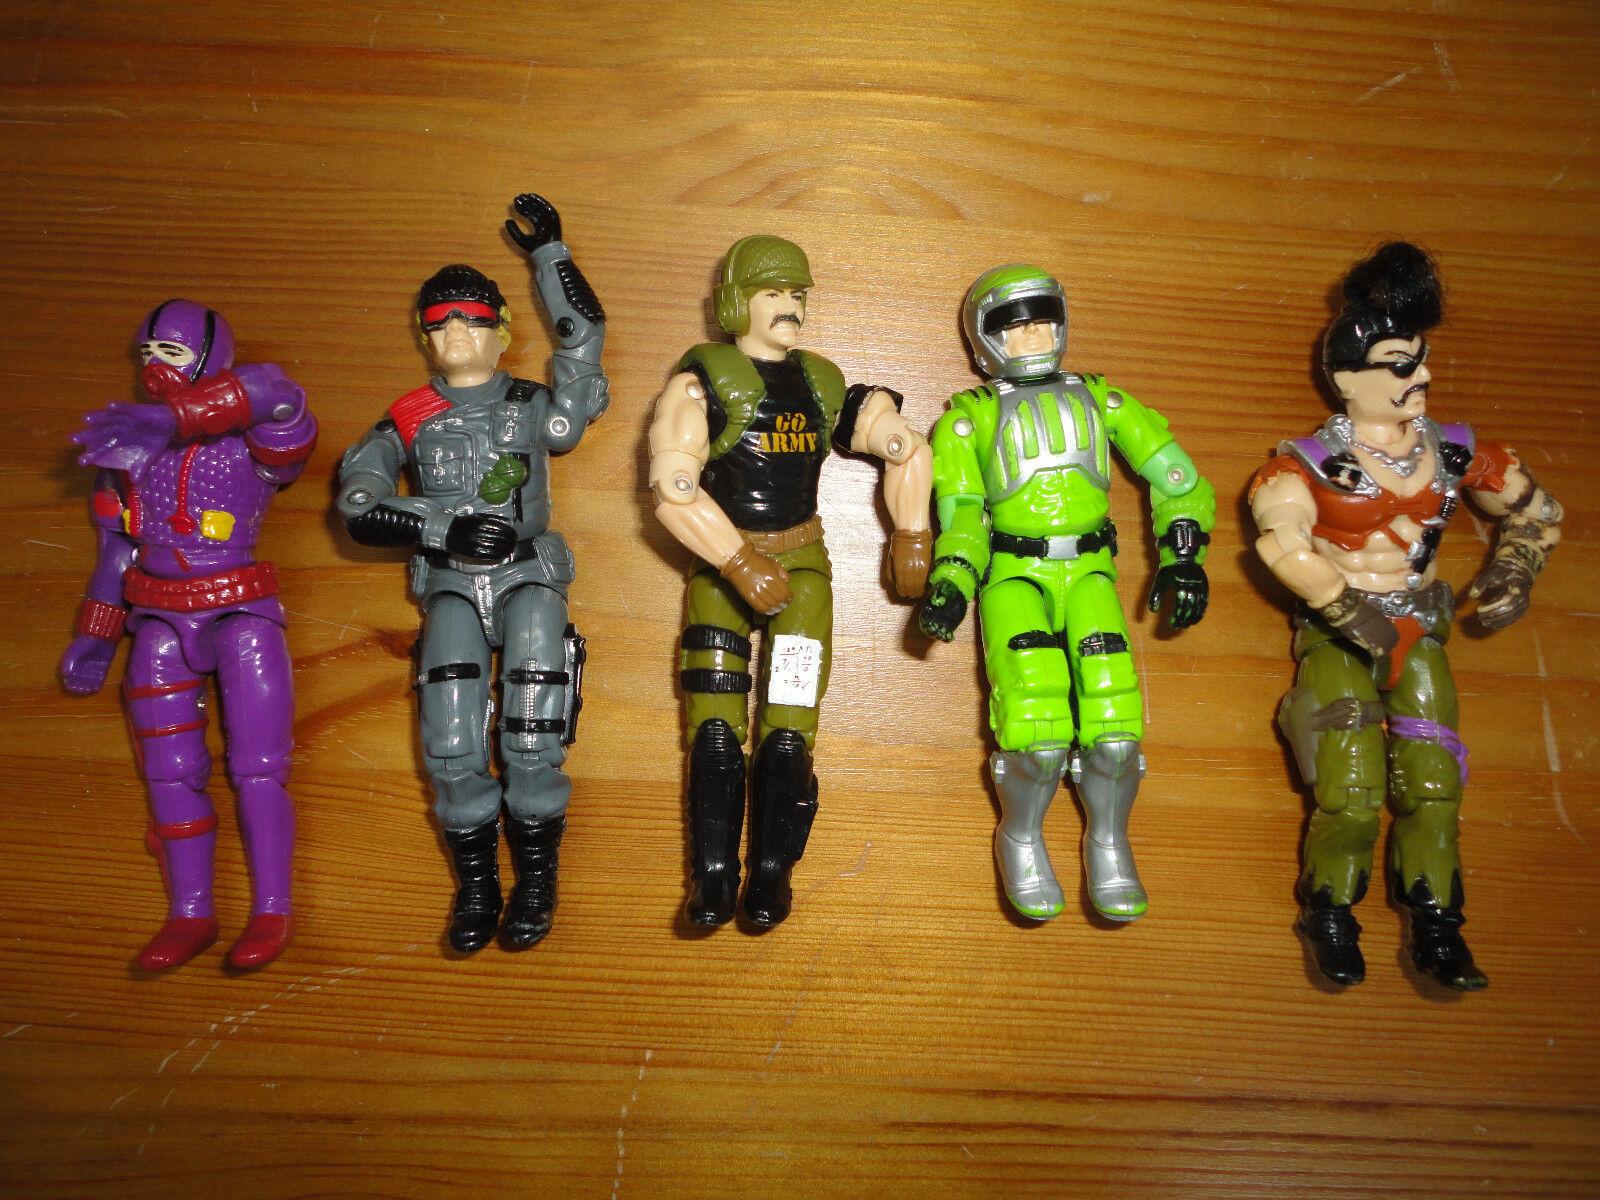 Gi - joe actionfiguren gemischte menge 5 hasbro 3,5 zoll diverse charaktere gemischte g